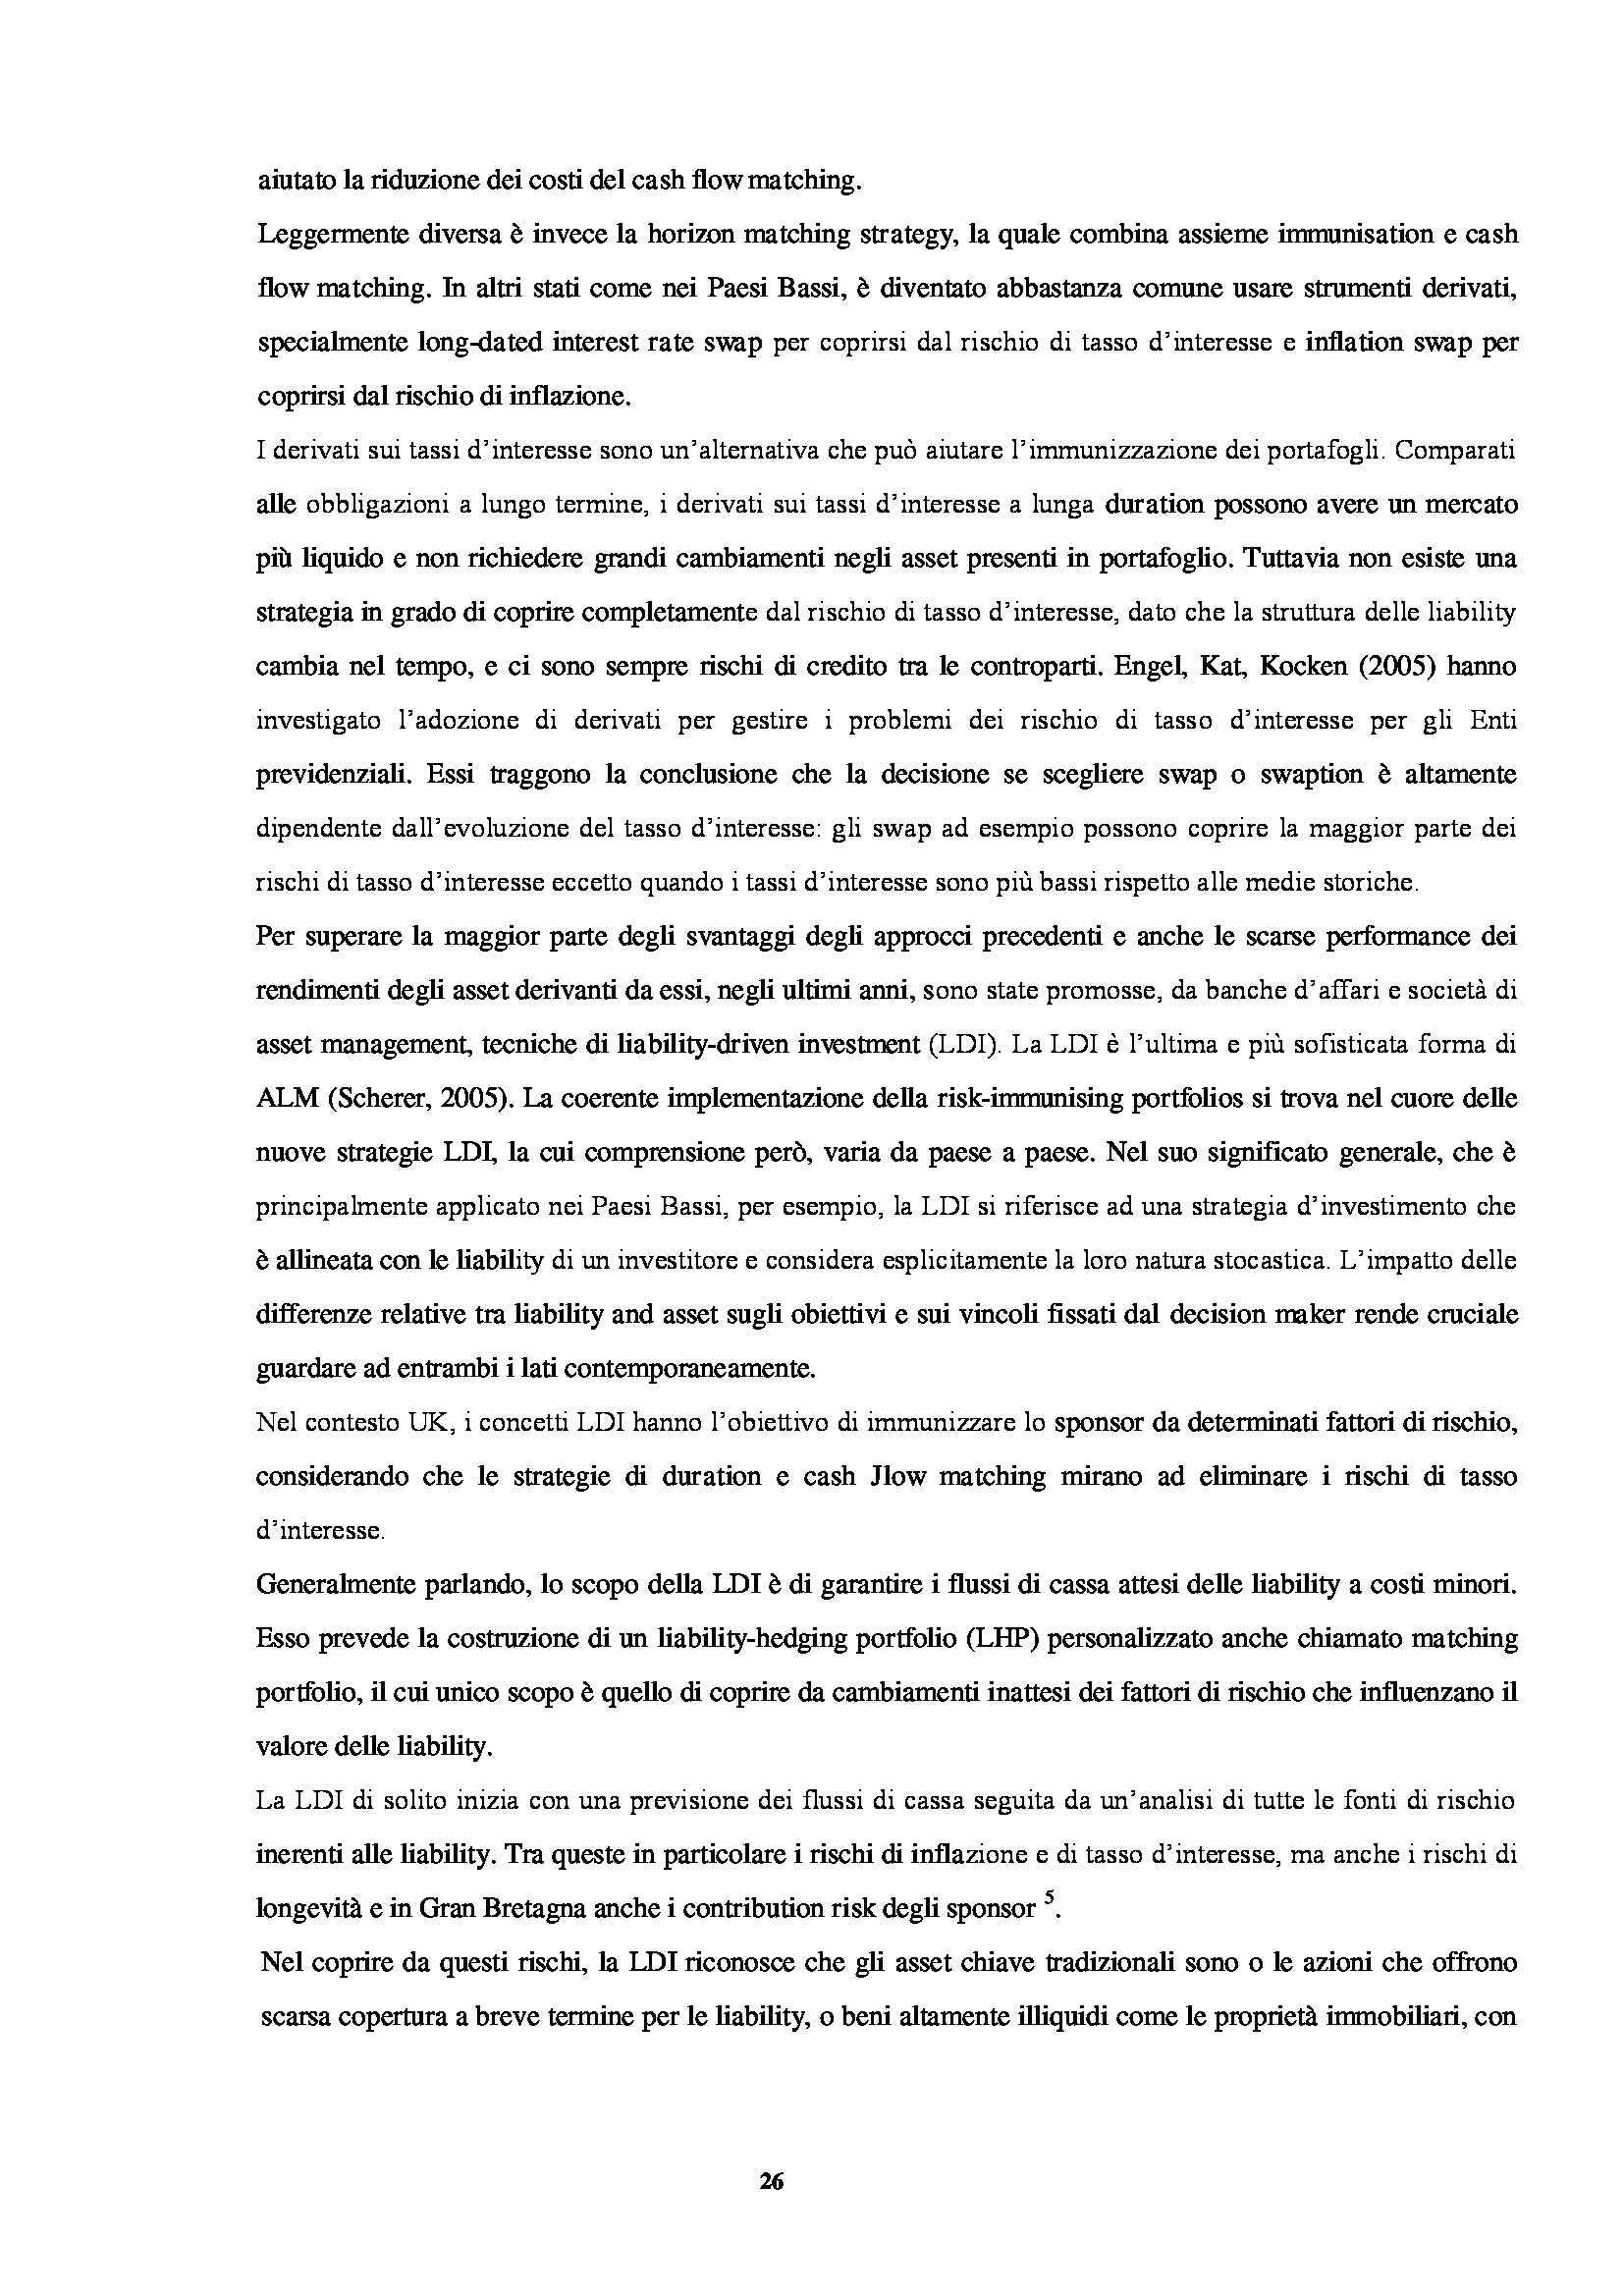 Tesi - La gestione Asset Liability degli Enti Previdenziali Pag. 26